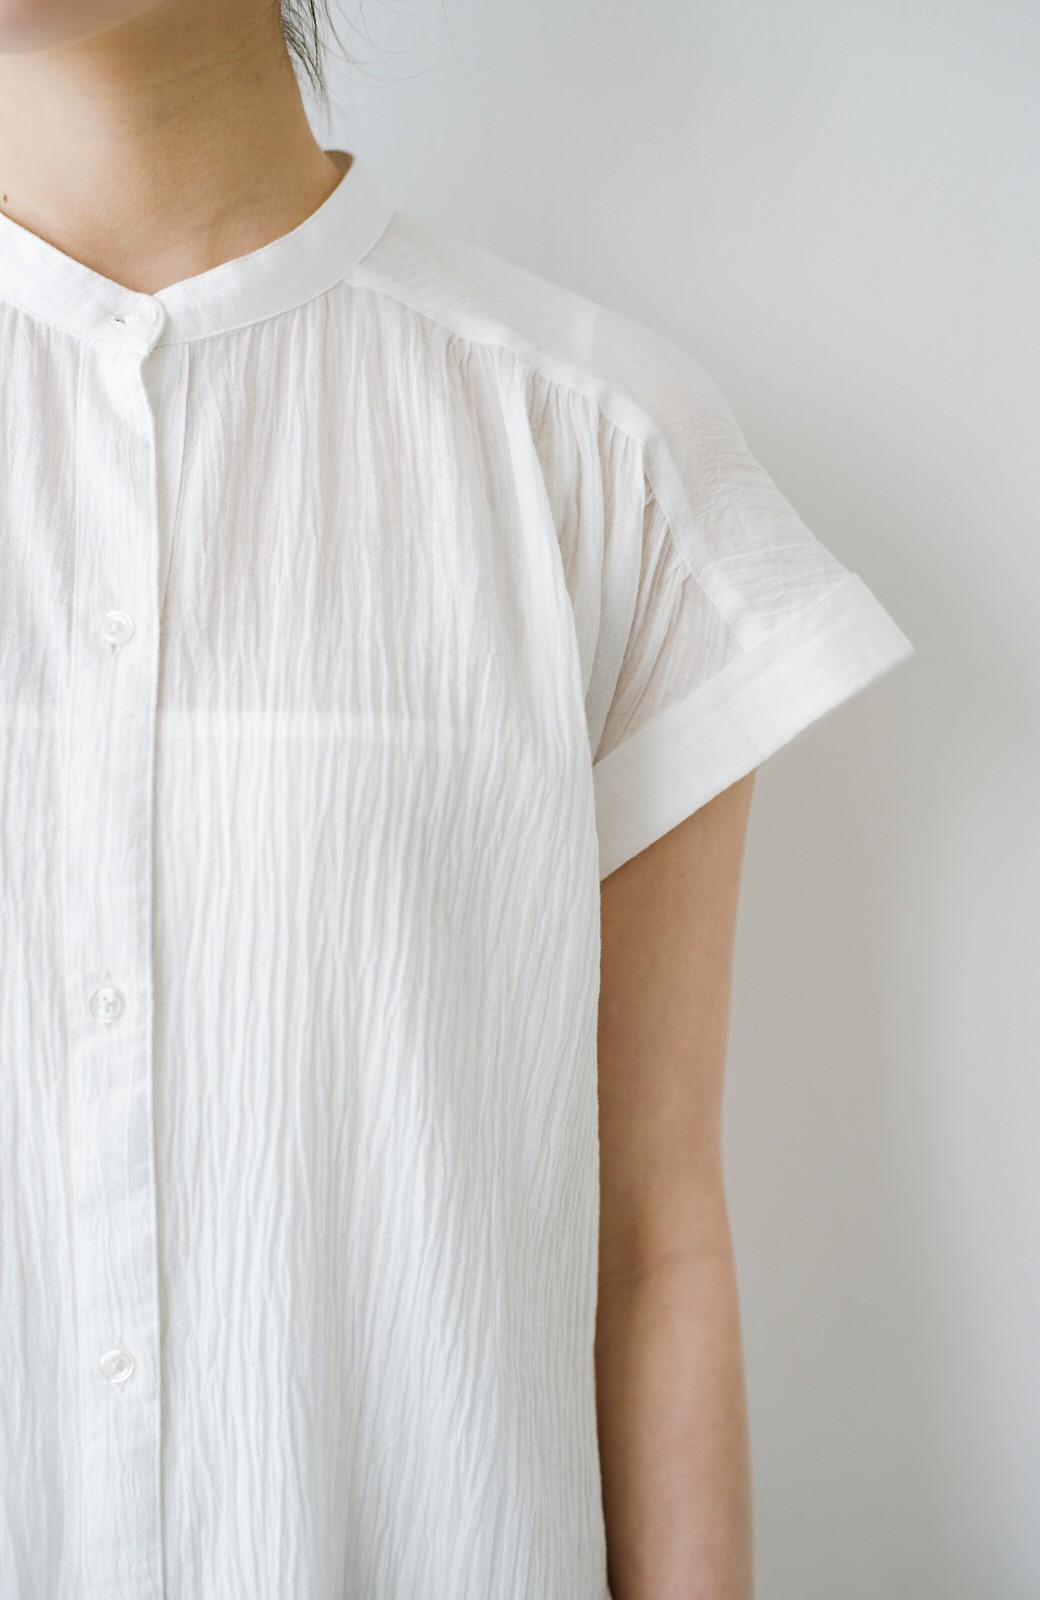 haco! 今から夏まで快適に楽ちんに過ごす!シンプル派もちょっぴり女っぽくなれる着まわしセットby staff ありー <その他>の商品写真11